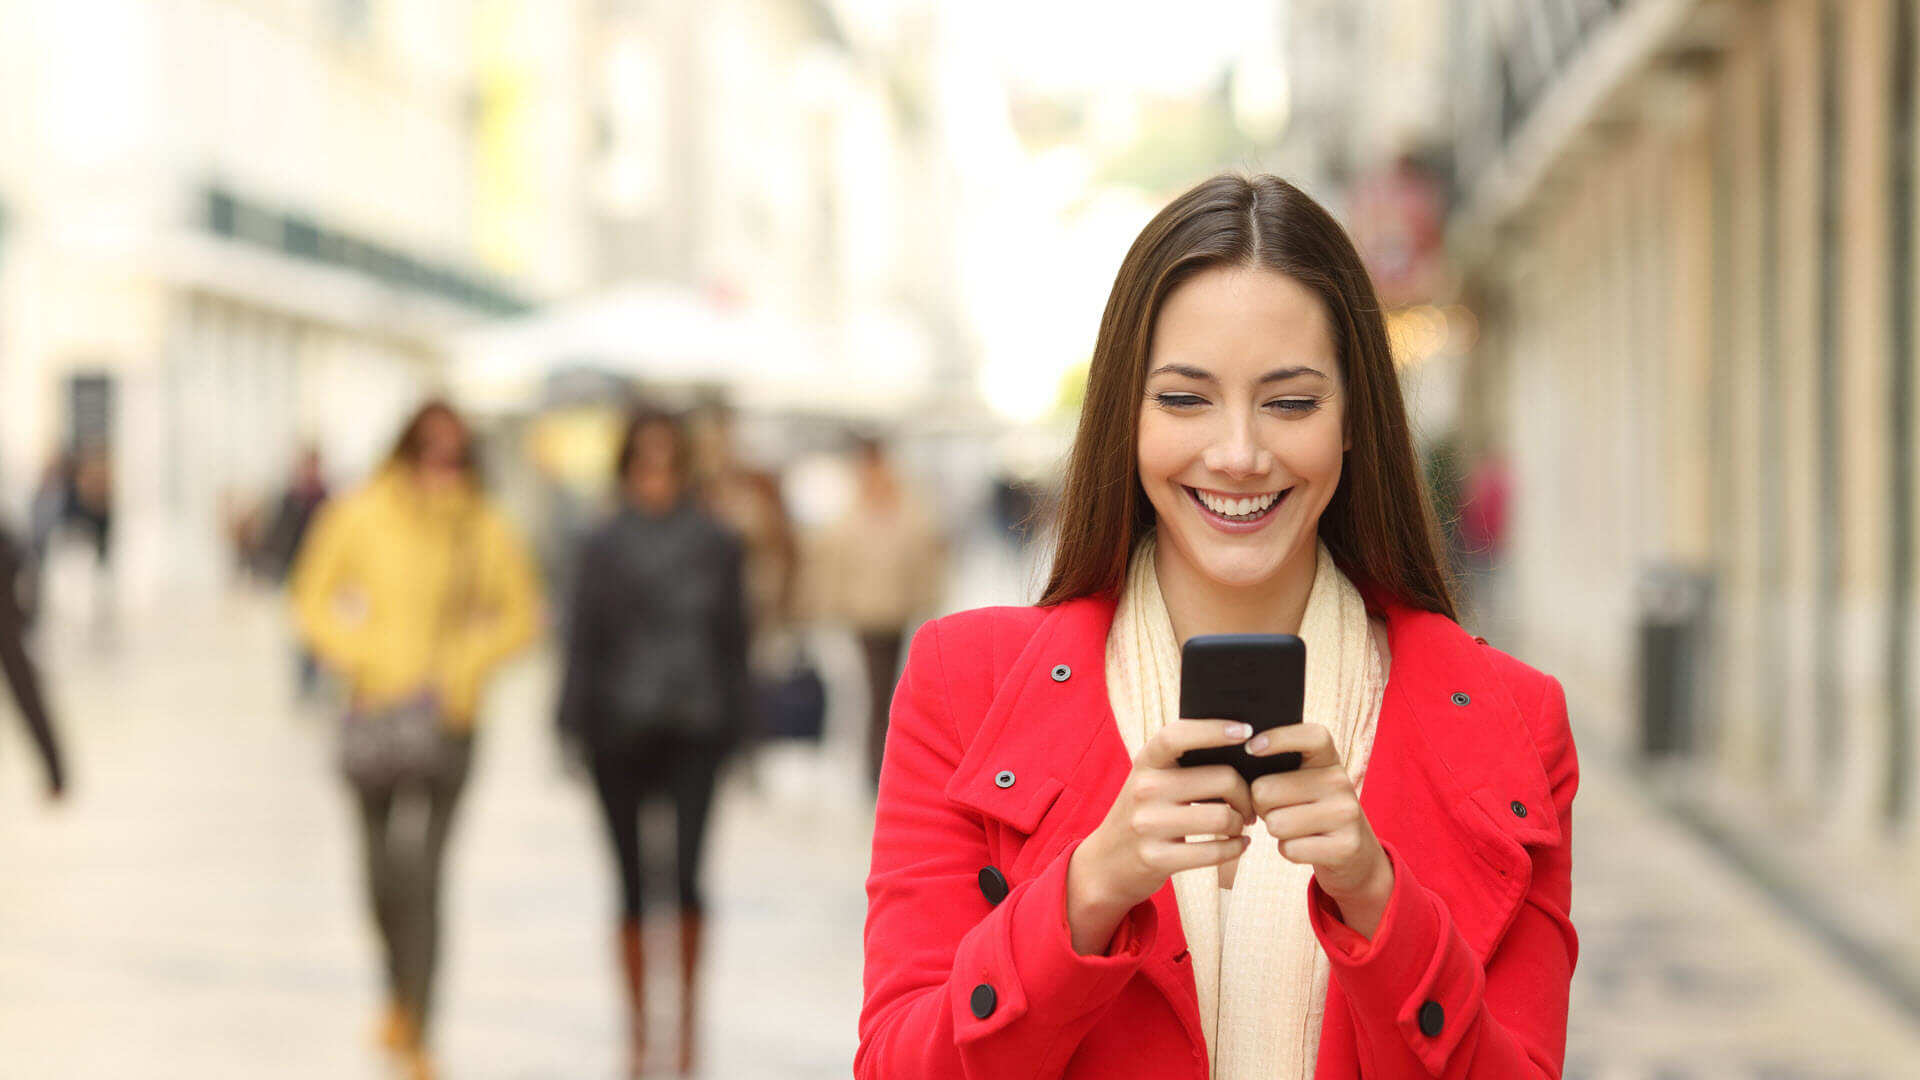 Cómo los minoristas pueden aprovechar la búsqueda y los datos de las redes sociales para obtener un rendimiento óptimo del marketing local